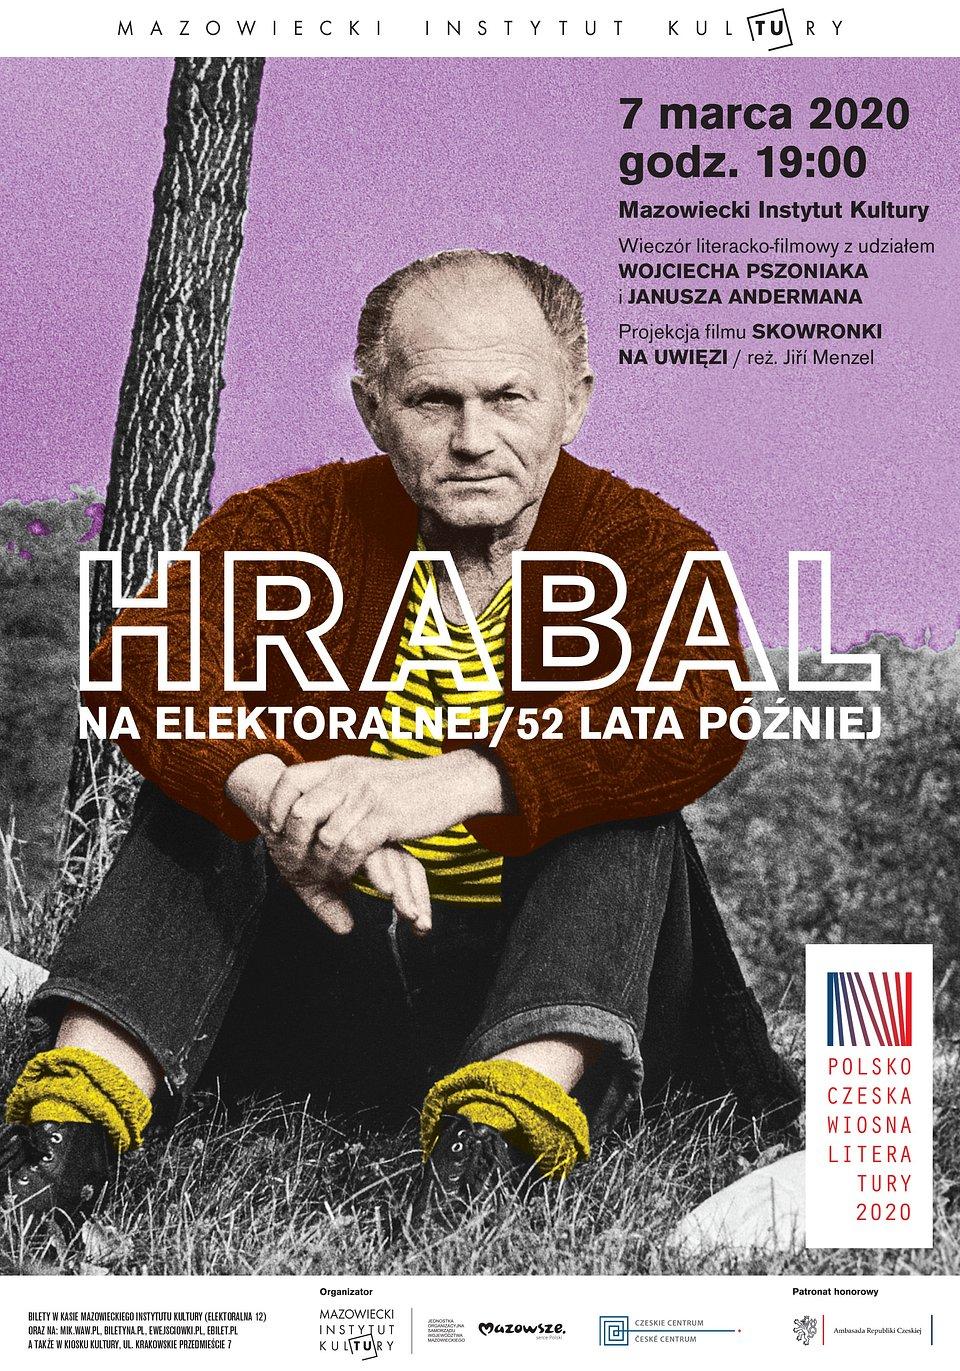 HRABAL_2020_plakat.jpg